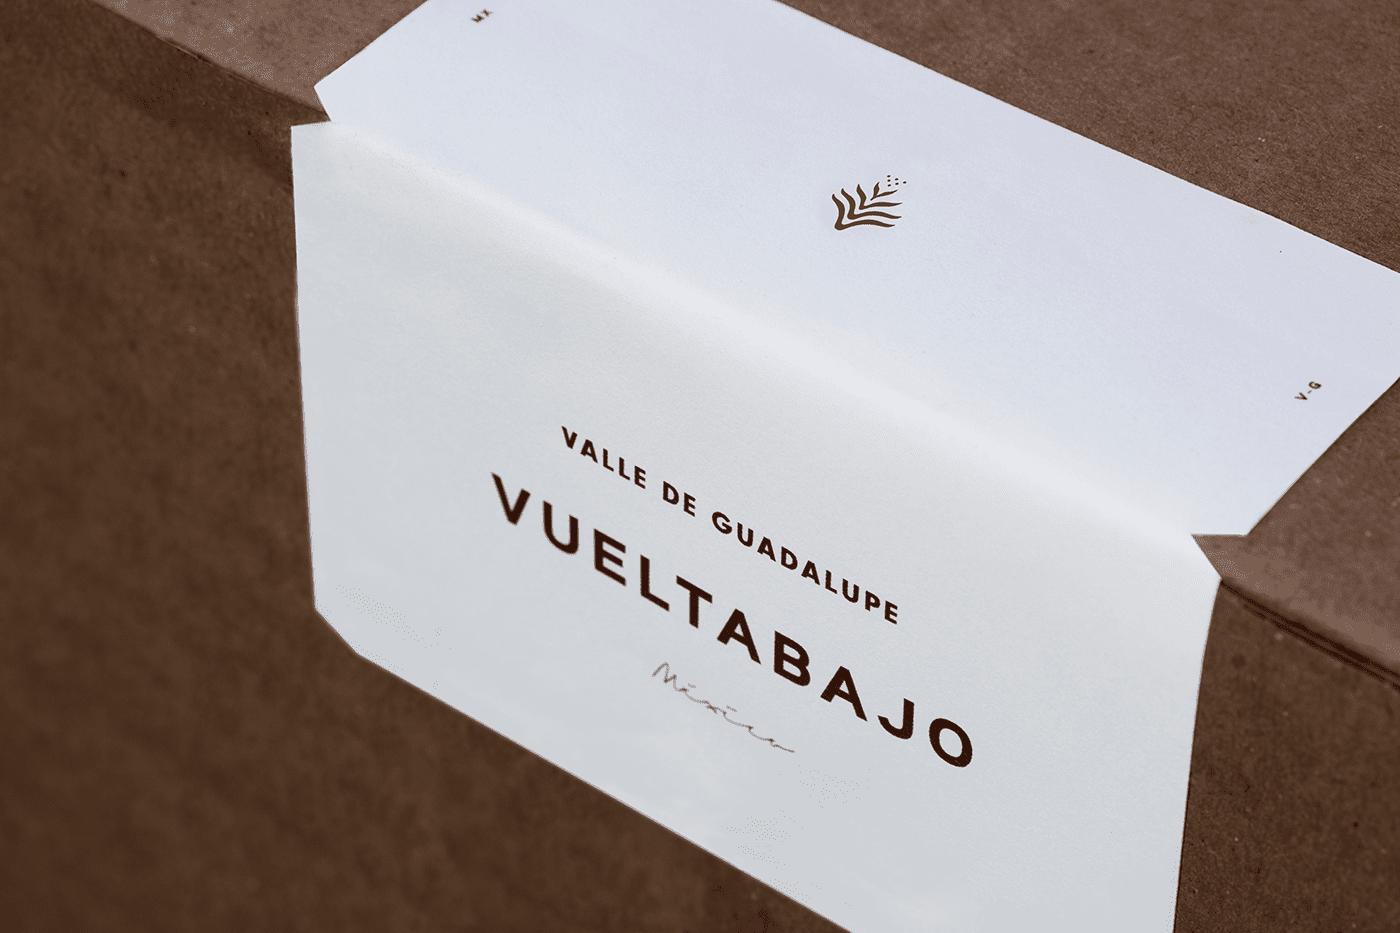 Vueltabajo 010 - Ach, tie obaly – Vueltabajo